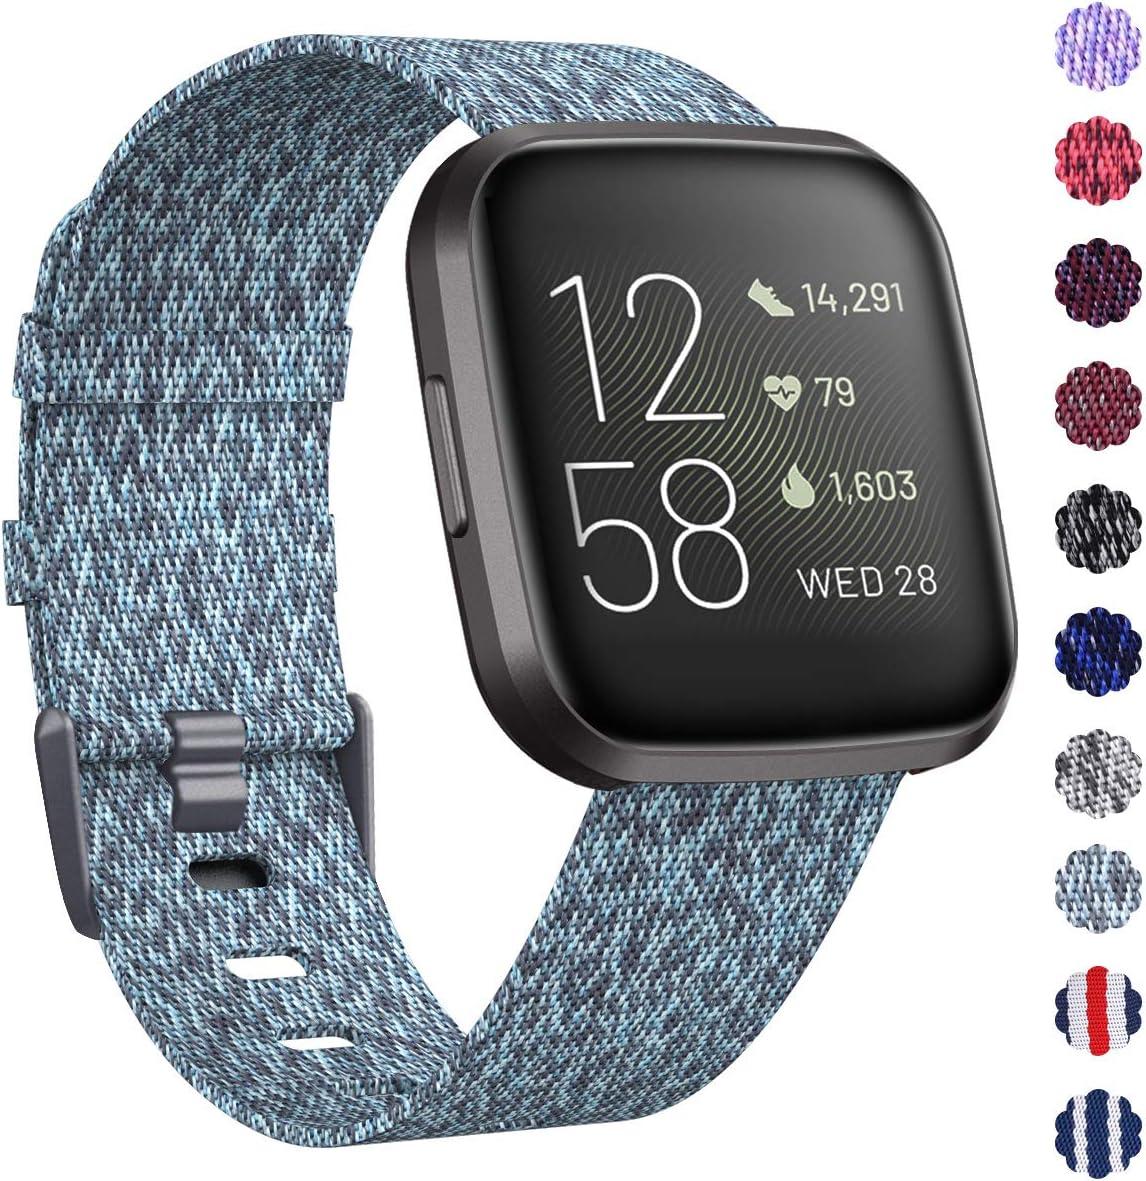 Malla Reloj Fitbit Versa/fitbit Versa 2 . Talle S